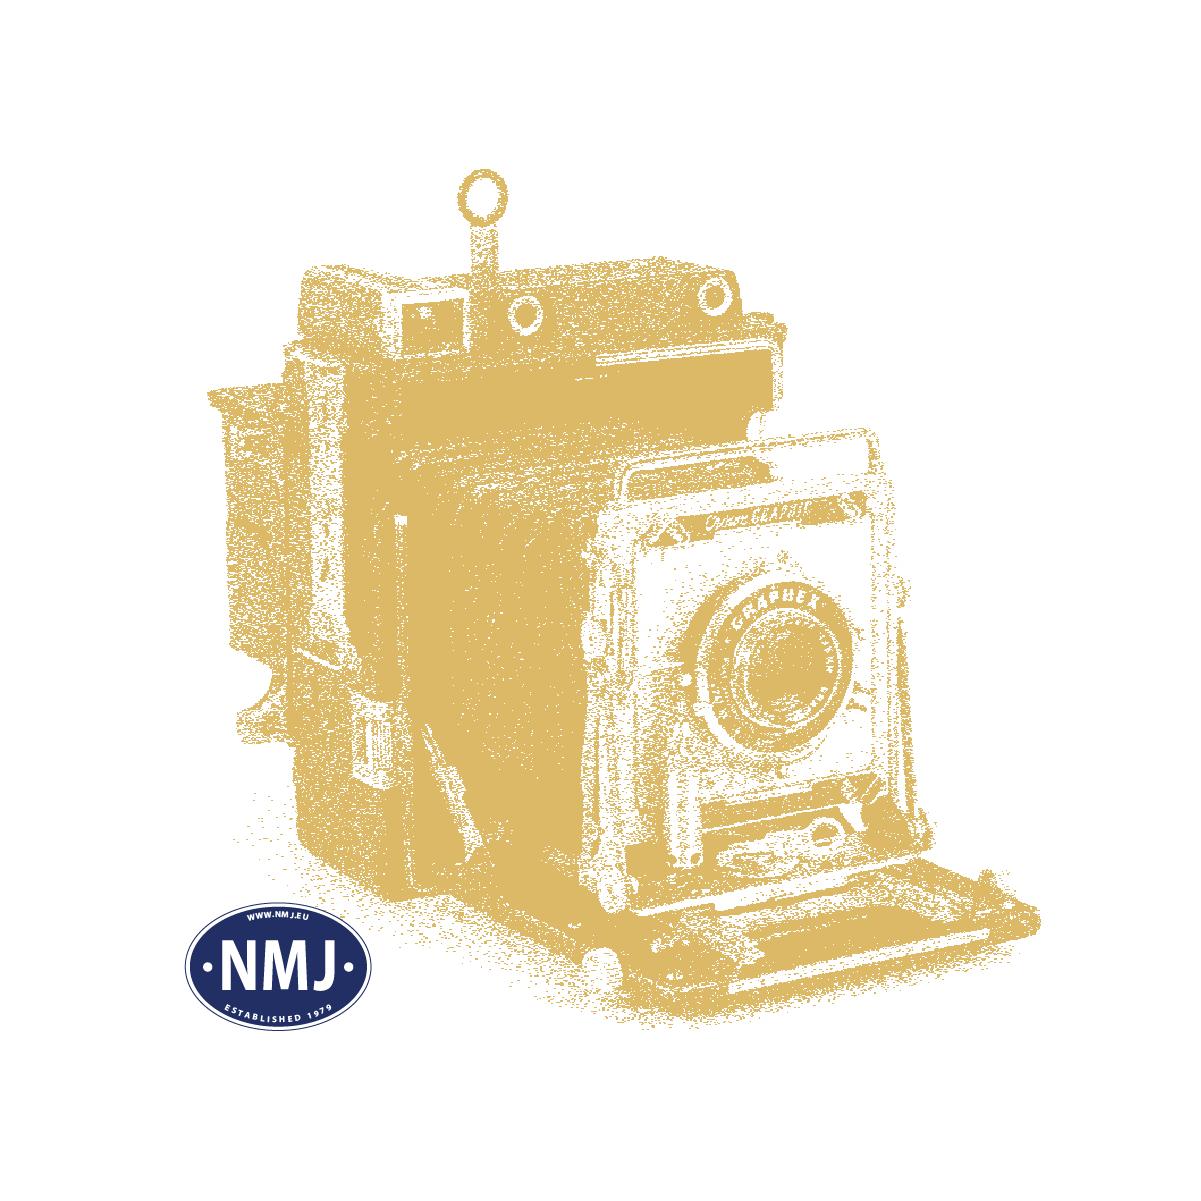 NMJT109.201 - NMJ Topline NSB BF12 21532 Mellomdesign